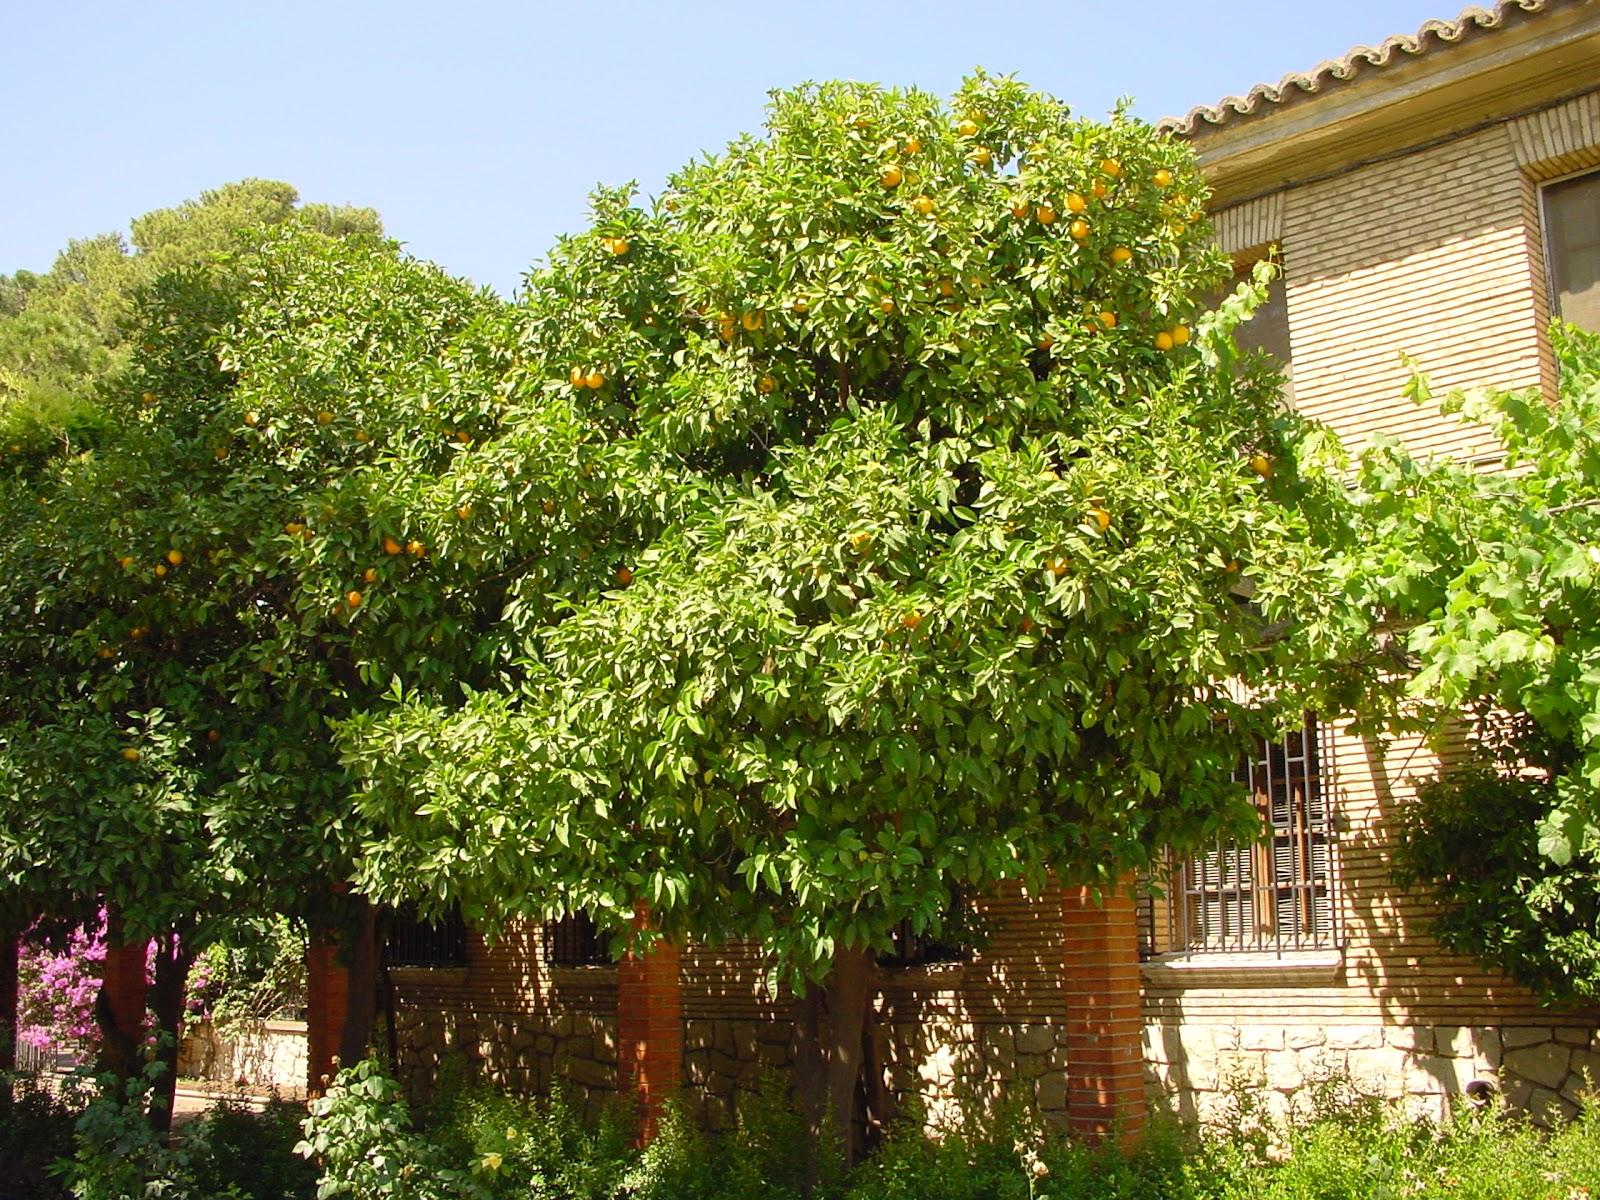 Jardineria eladio nonay jardiner a eladio nonay naranjo - Jardineria eladio nonay ...